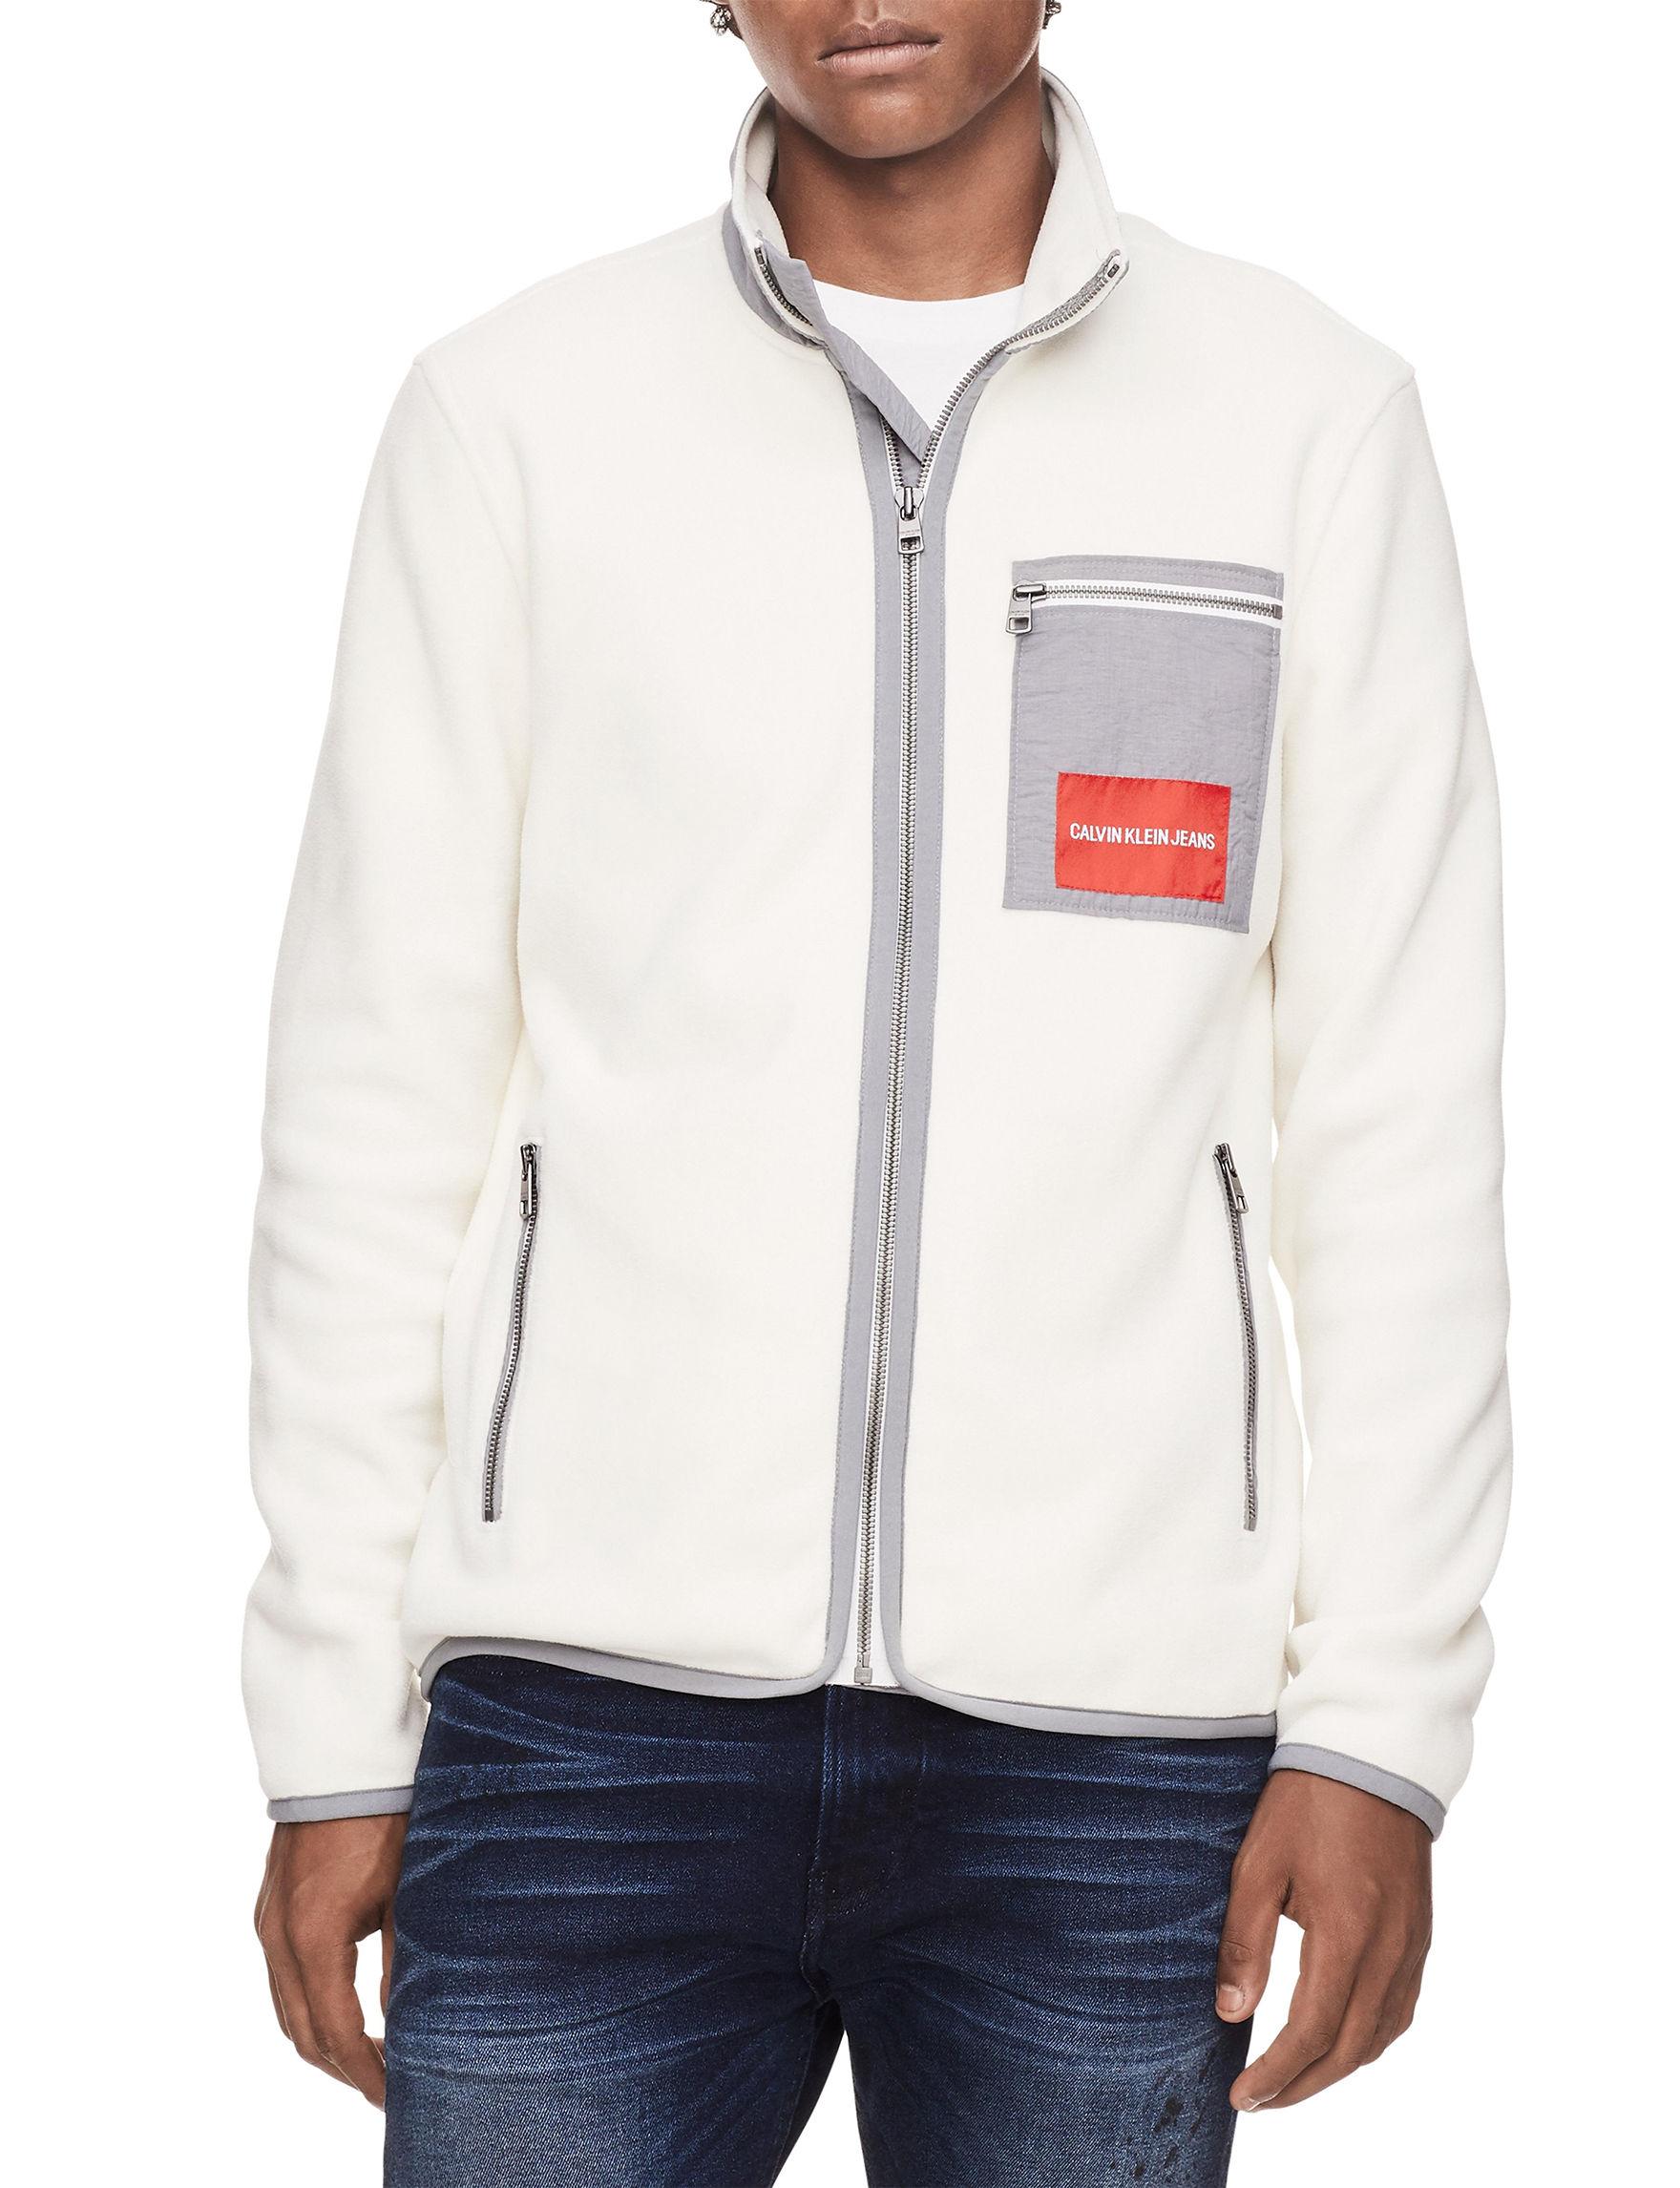 Calvin Klein White / Grey Lightweight Jackets & Blazers